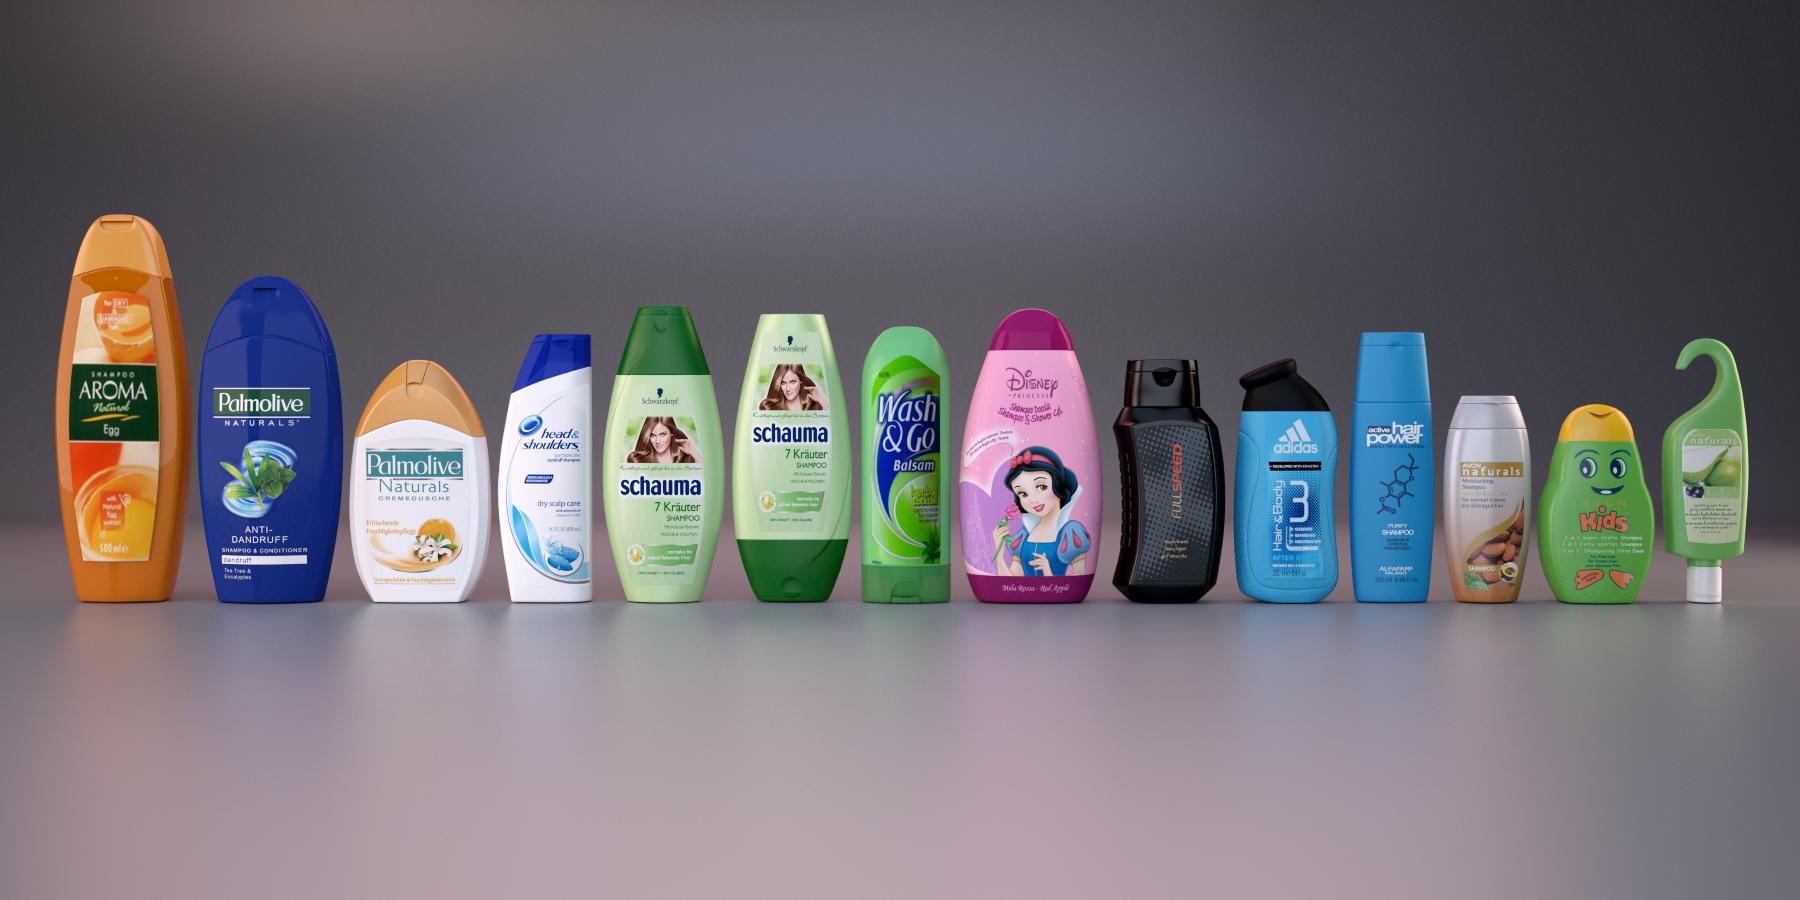 14 shampoo bottles - set 1 by hglr123 | 3DOcean